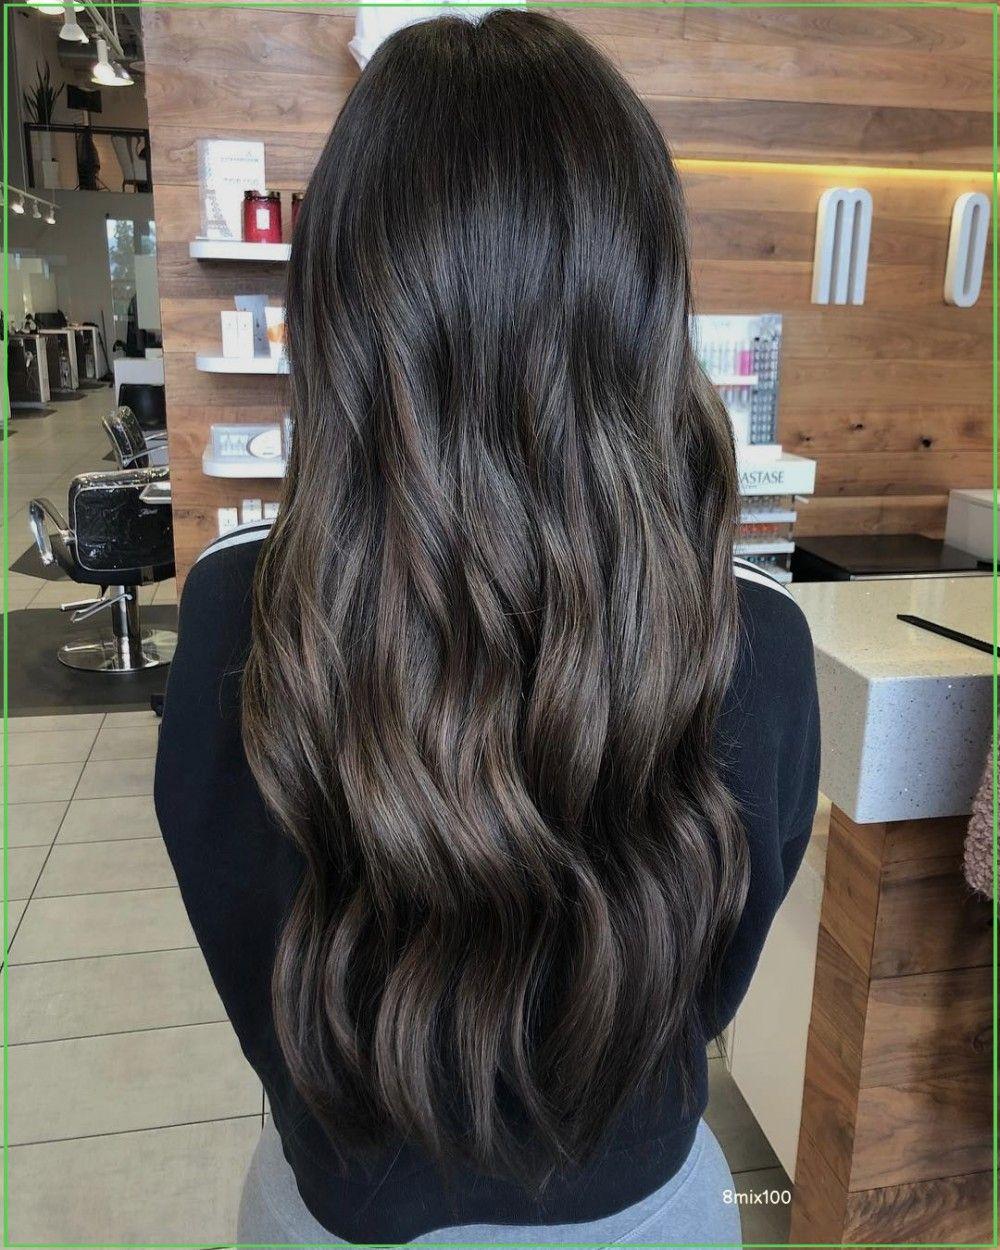 Pin By Felyssa Kaplan On Katina S Board Hair Styles Balayage Hair Brown Hair Balayage